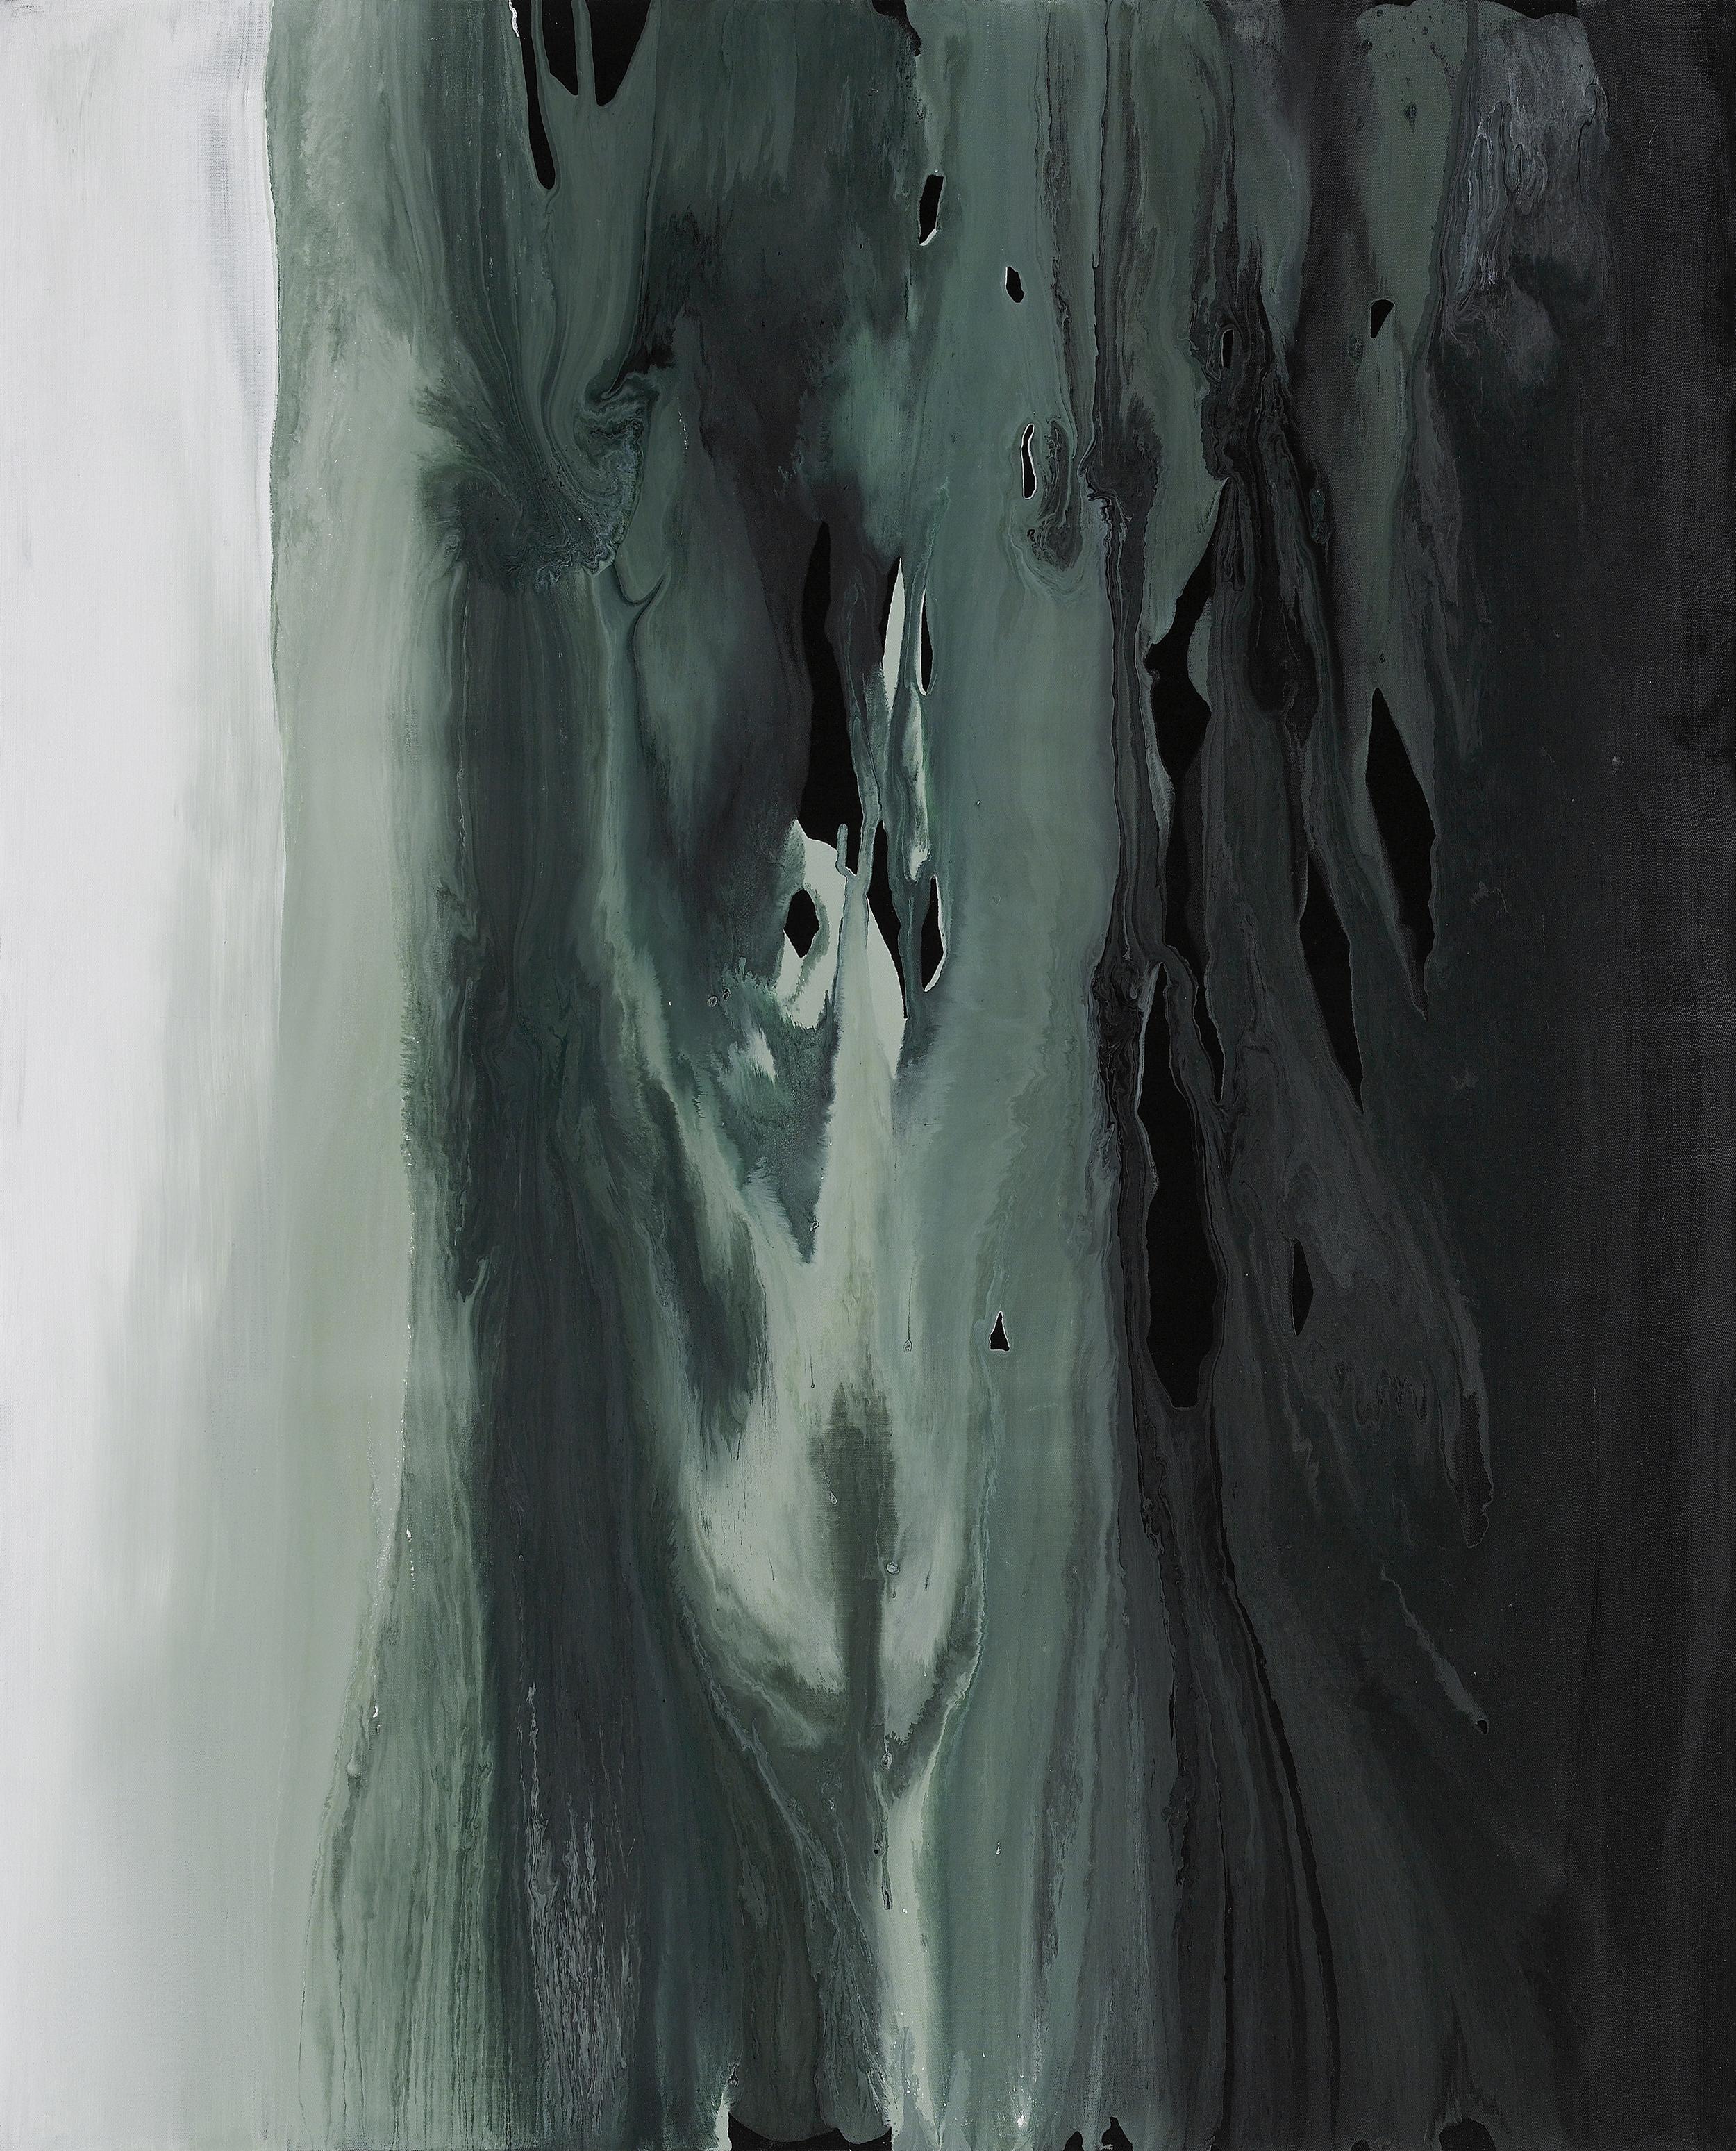 fall_06  acrylic on canvas  130 cm X 162 cm  2013